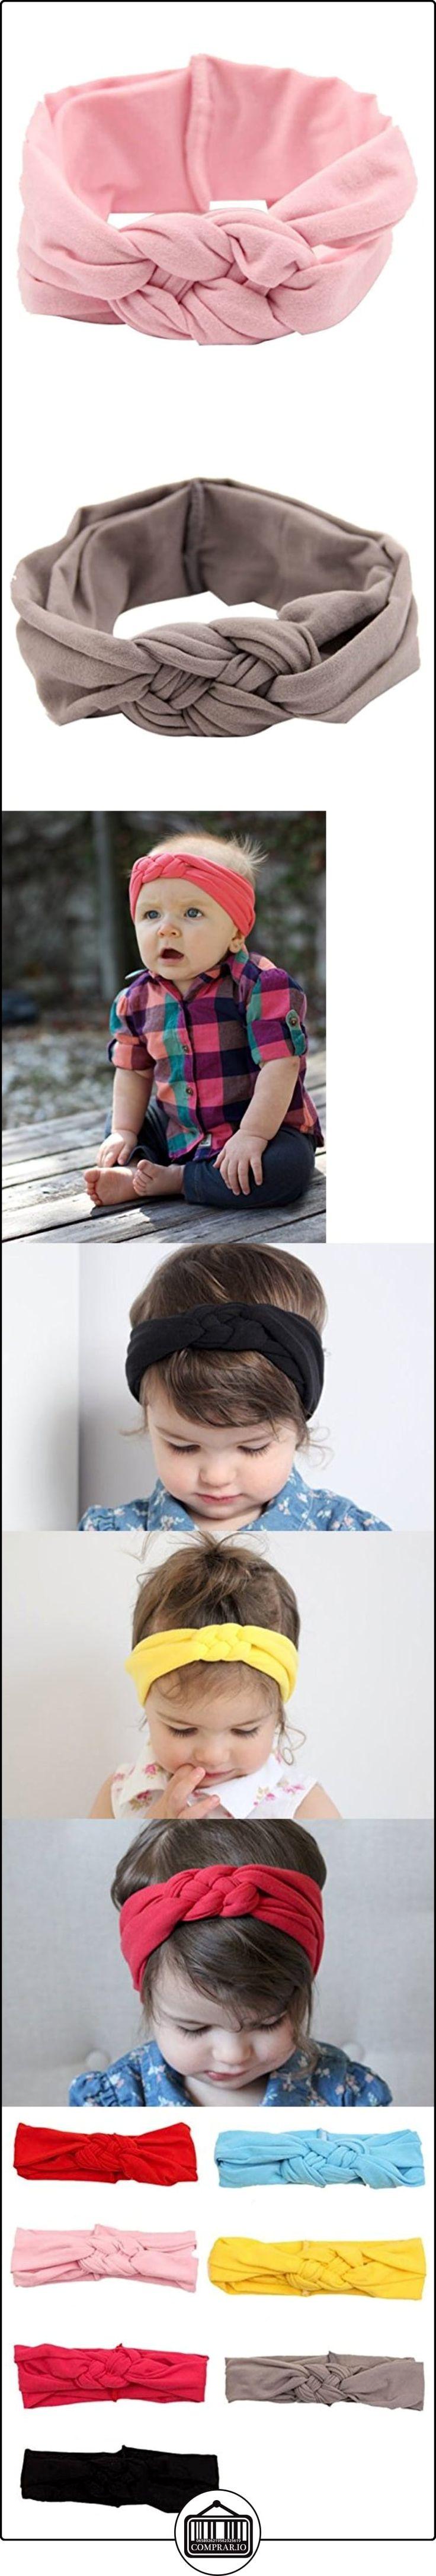 Baby turbante-Recién Nacido Infantil Elástico Hairband Nudo de Cruz, diseño de accesorios para el pelo-Lazos Kids cotton-Head Wrap-Niñas bebé niños elástico banda Headwear clipsbaby turbante-Recién Nacido Infantil Elástico Hairband Nudo de Cruz, diseño de accesorios para el pelo-Lazos Kids cotton-Head Wrap-Niñas bebé niños elástico banda Headwear clips  ✿ Regalos para recién nacidos - Bebes ✿ ▬► Ver oferta: http://comprar.io/goto/B01HYVXAN6